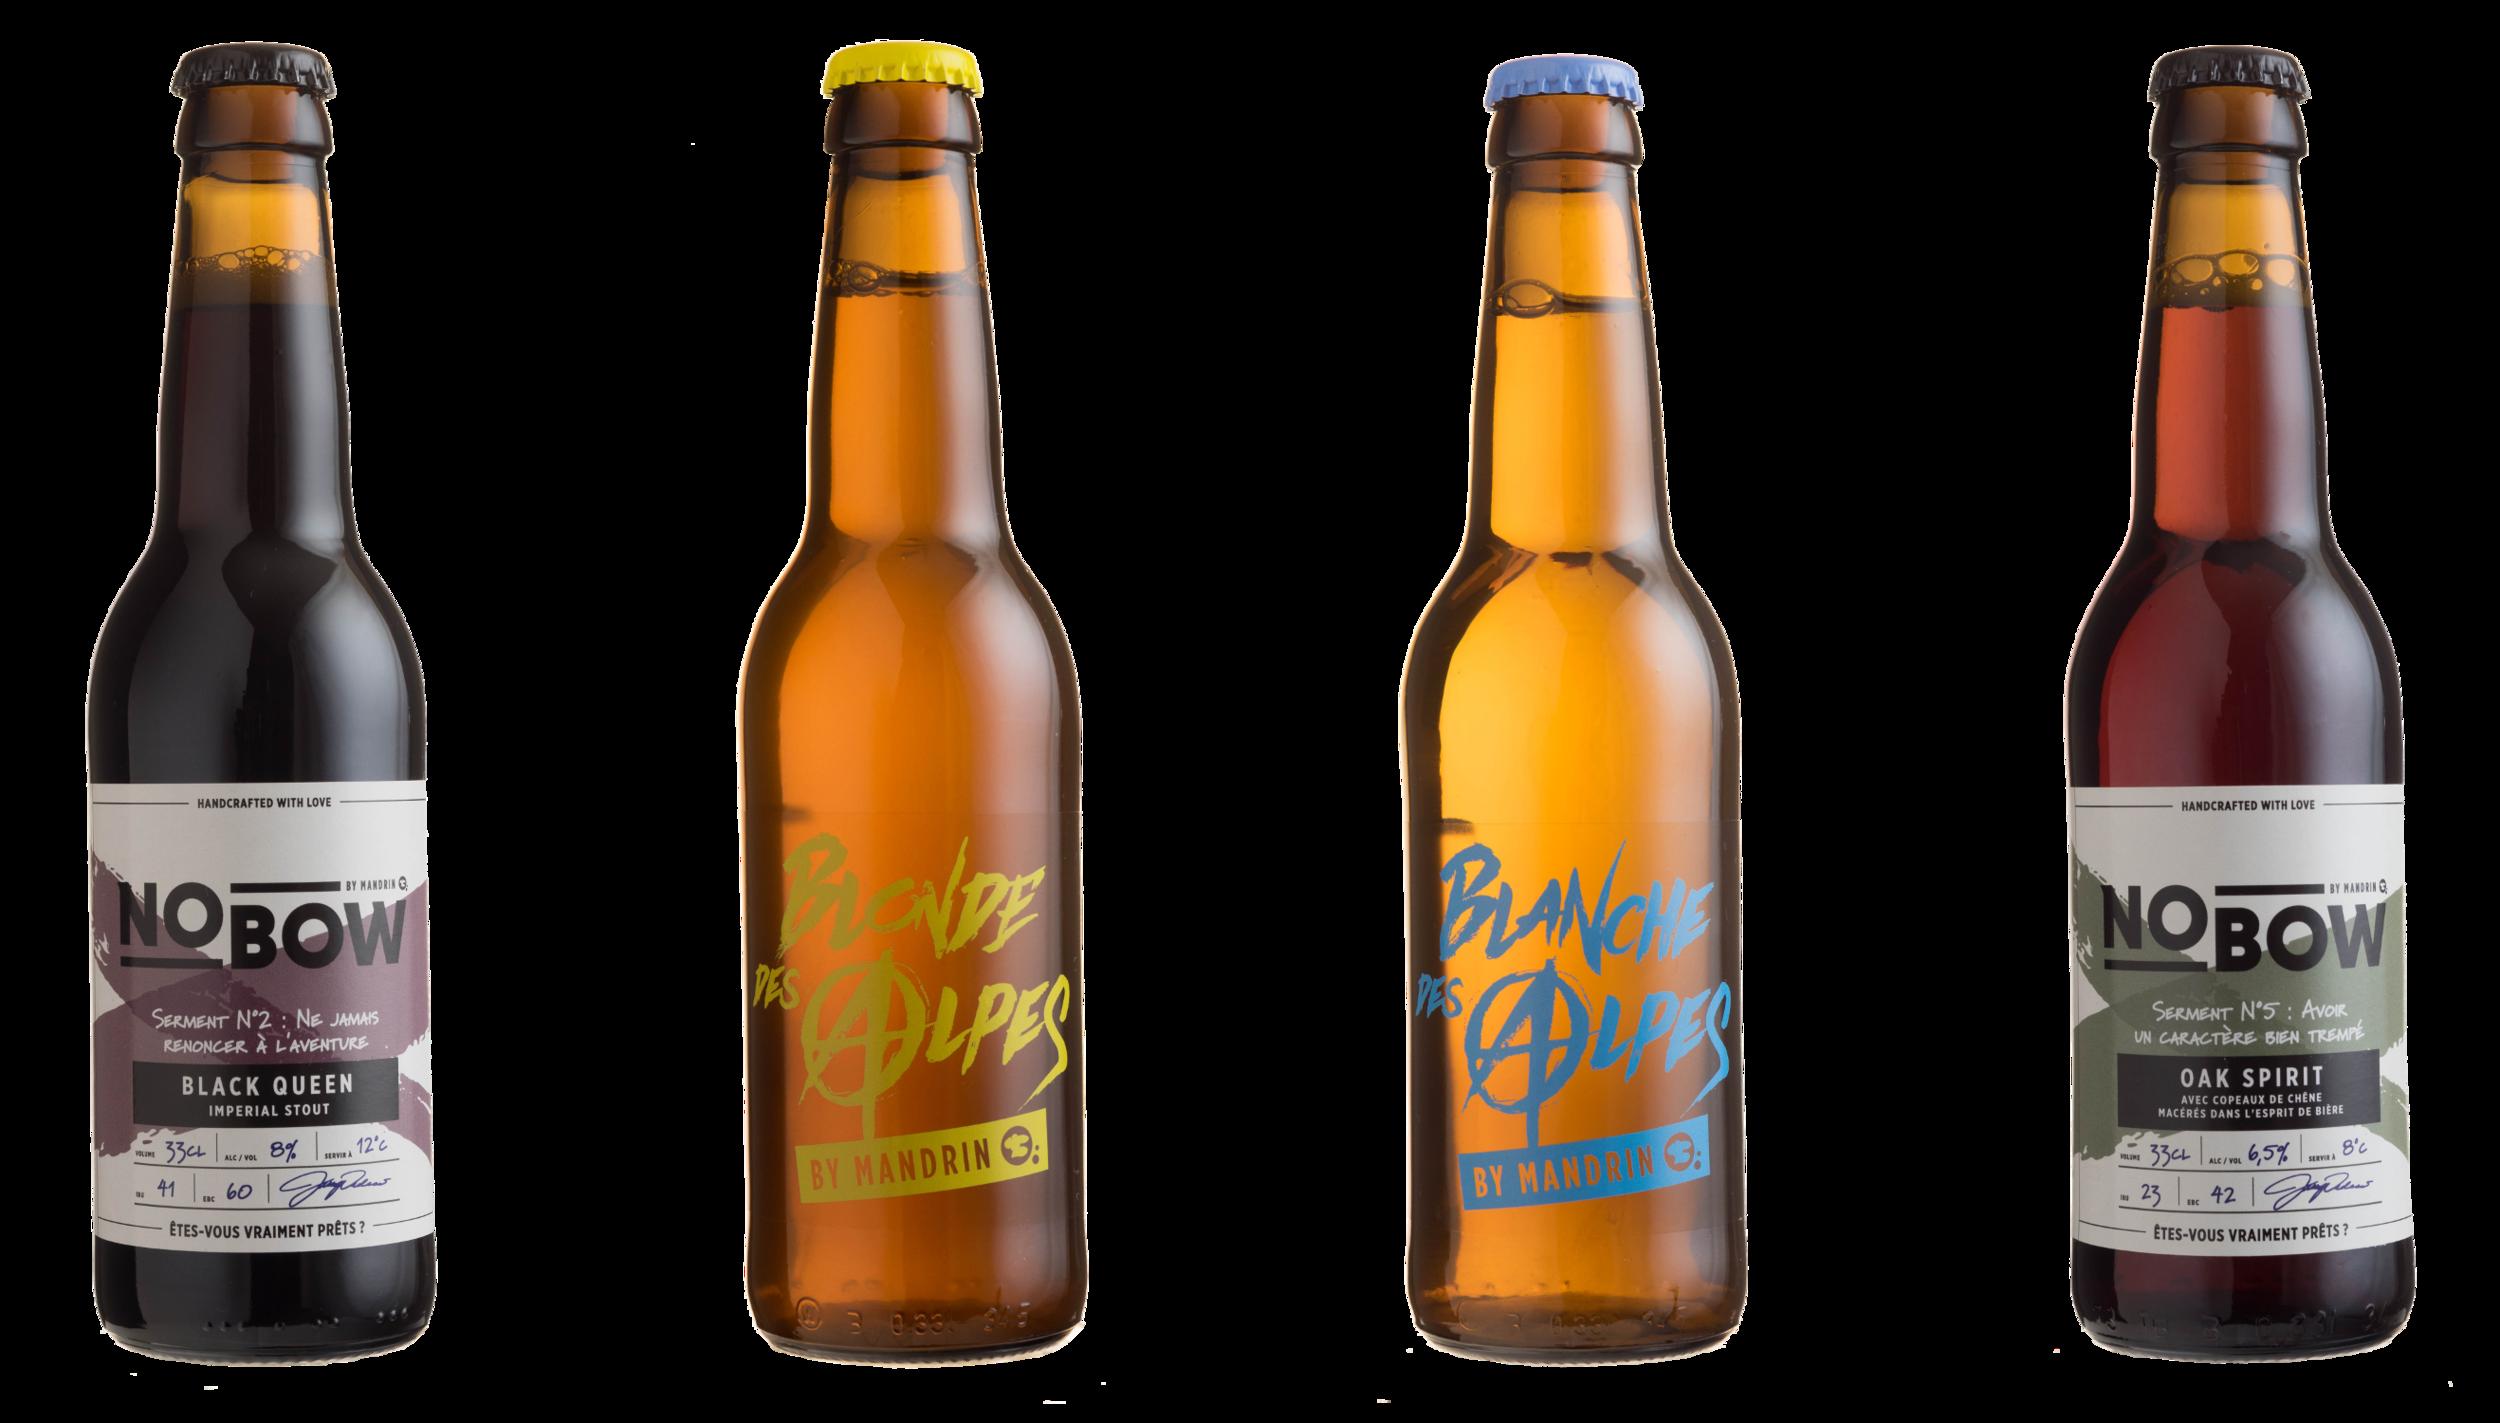 Séries Bières des Alpes et Nobow - Brasserie du Dauphiné